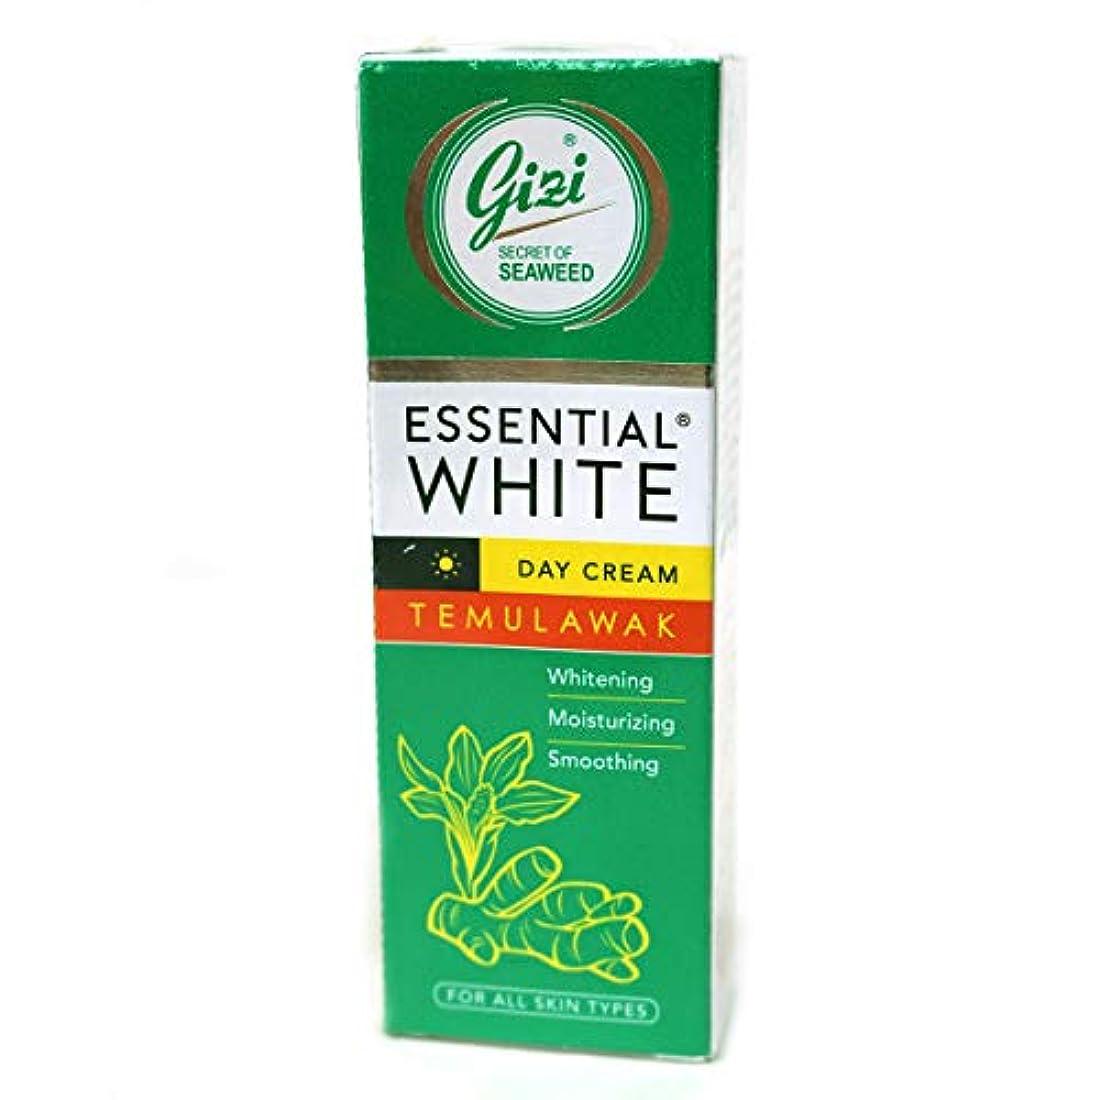 気性生態学代替案ギジ gizi Essential White 日中用スキンケアクリーム チューブタイプ 18g テムラワク ウコン など天然成分配合 [海外直送品]